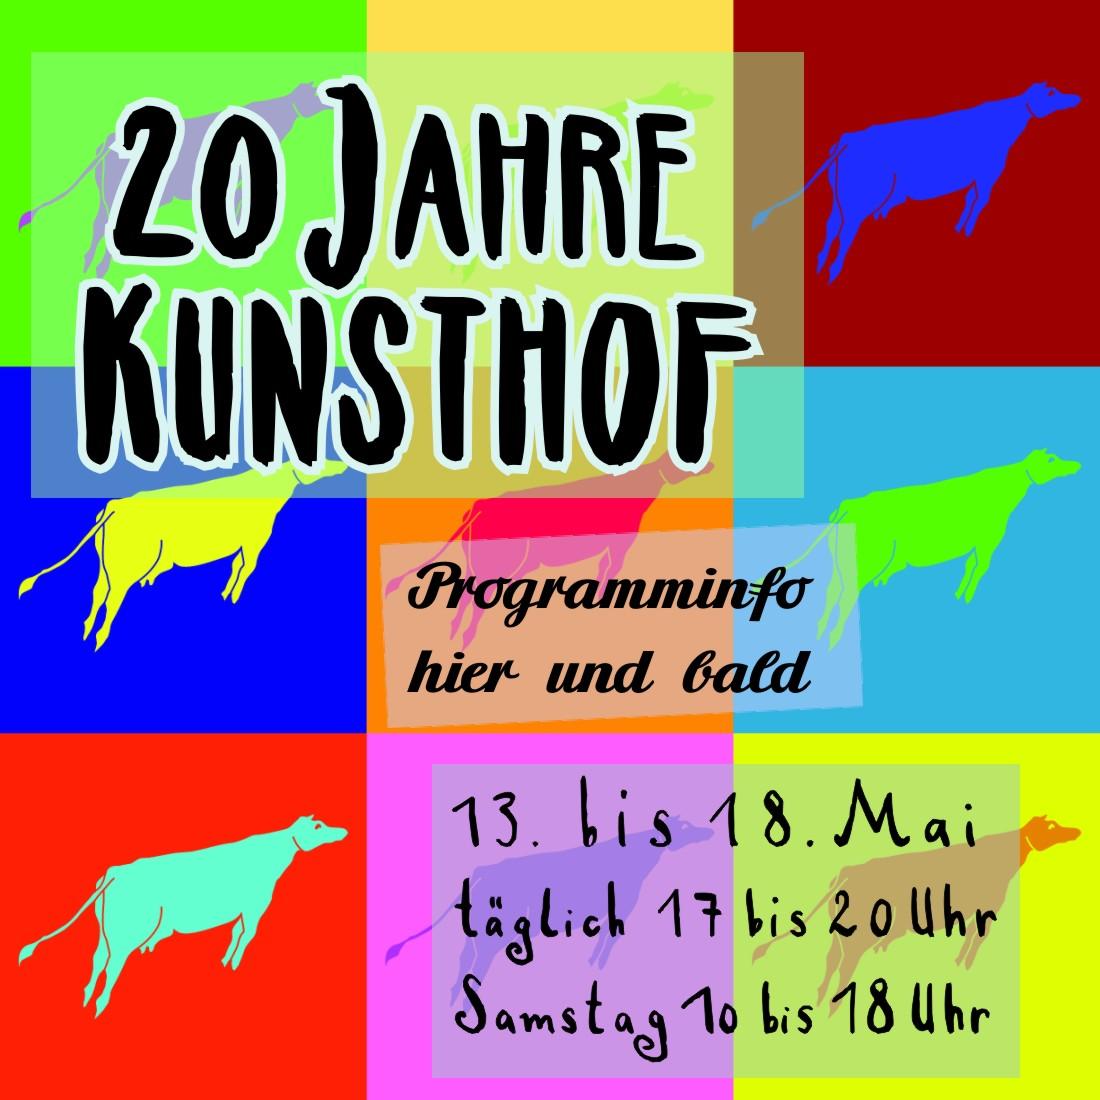 20 Jahre Kunsthof